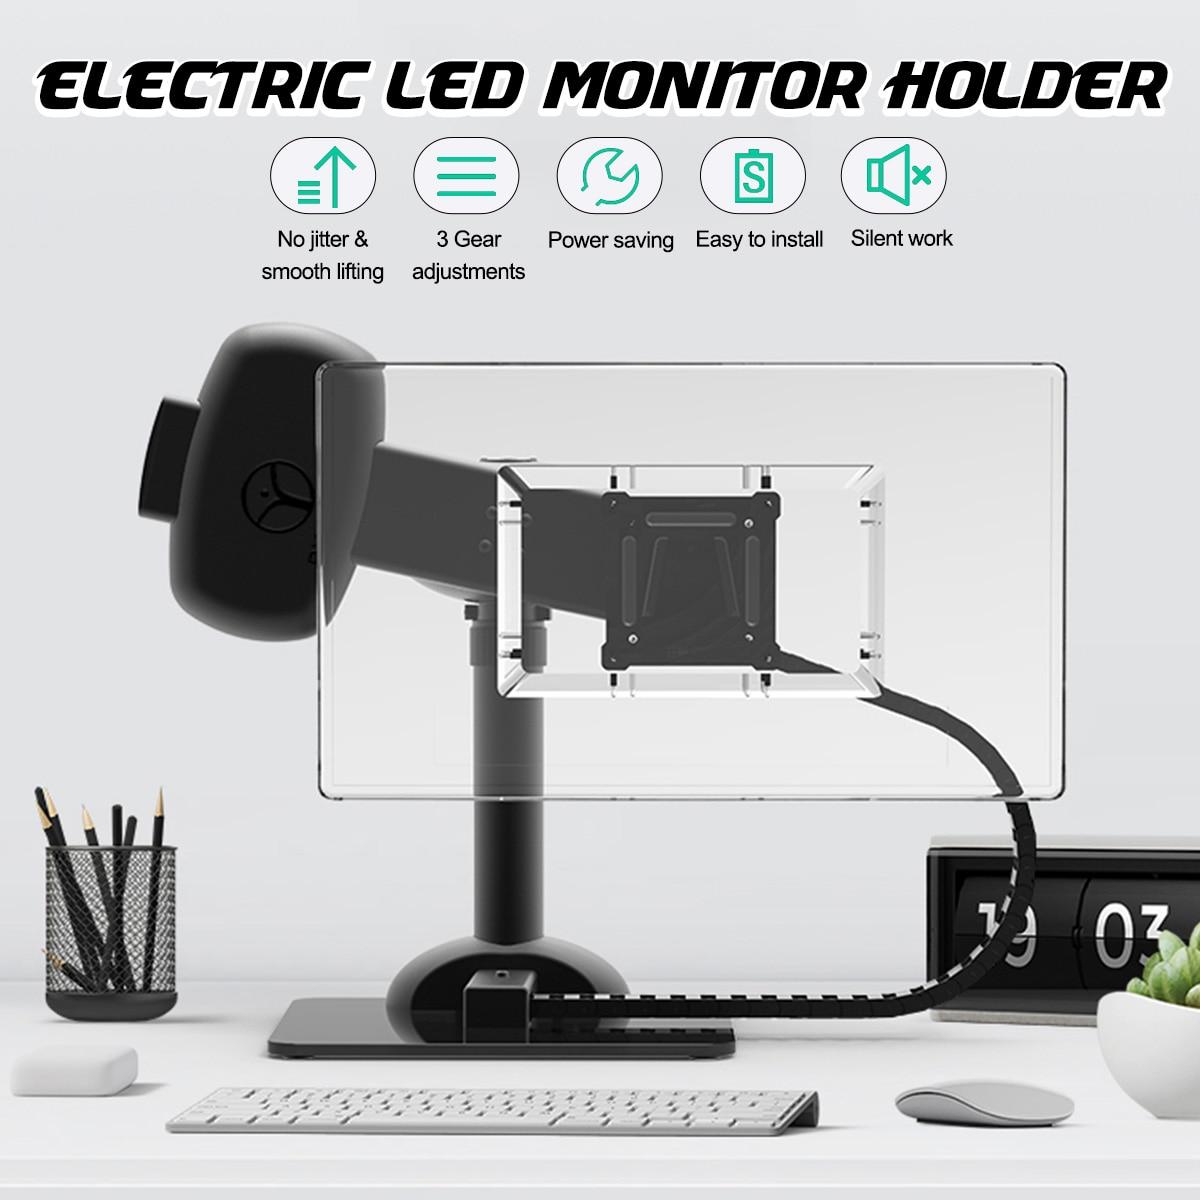 LEORY LCD moniteur LED support pour 10-30 pouces bureau d'ordinateur portable support de montage rotatif cou Relax exercice Machine support de réglage